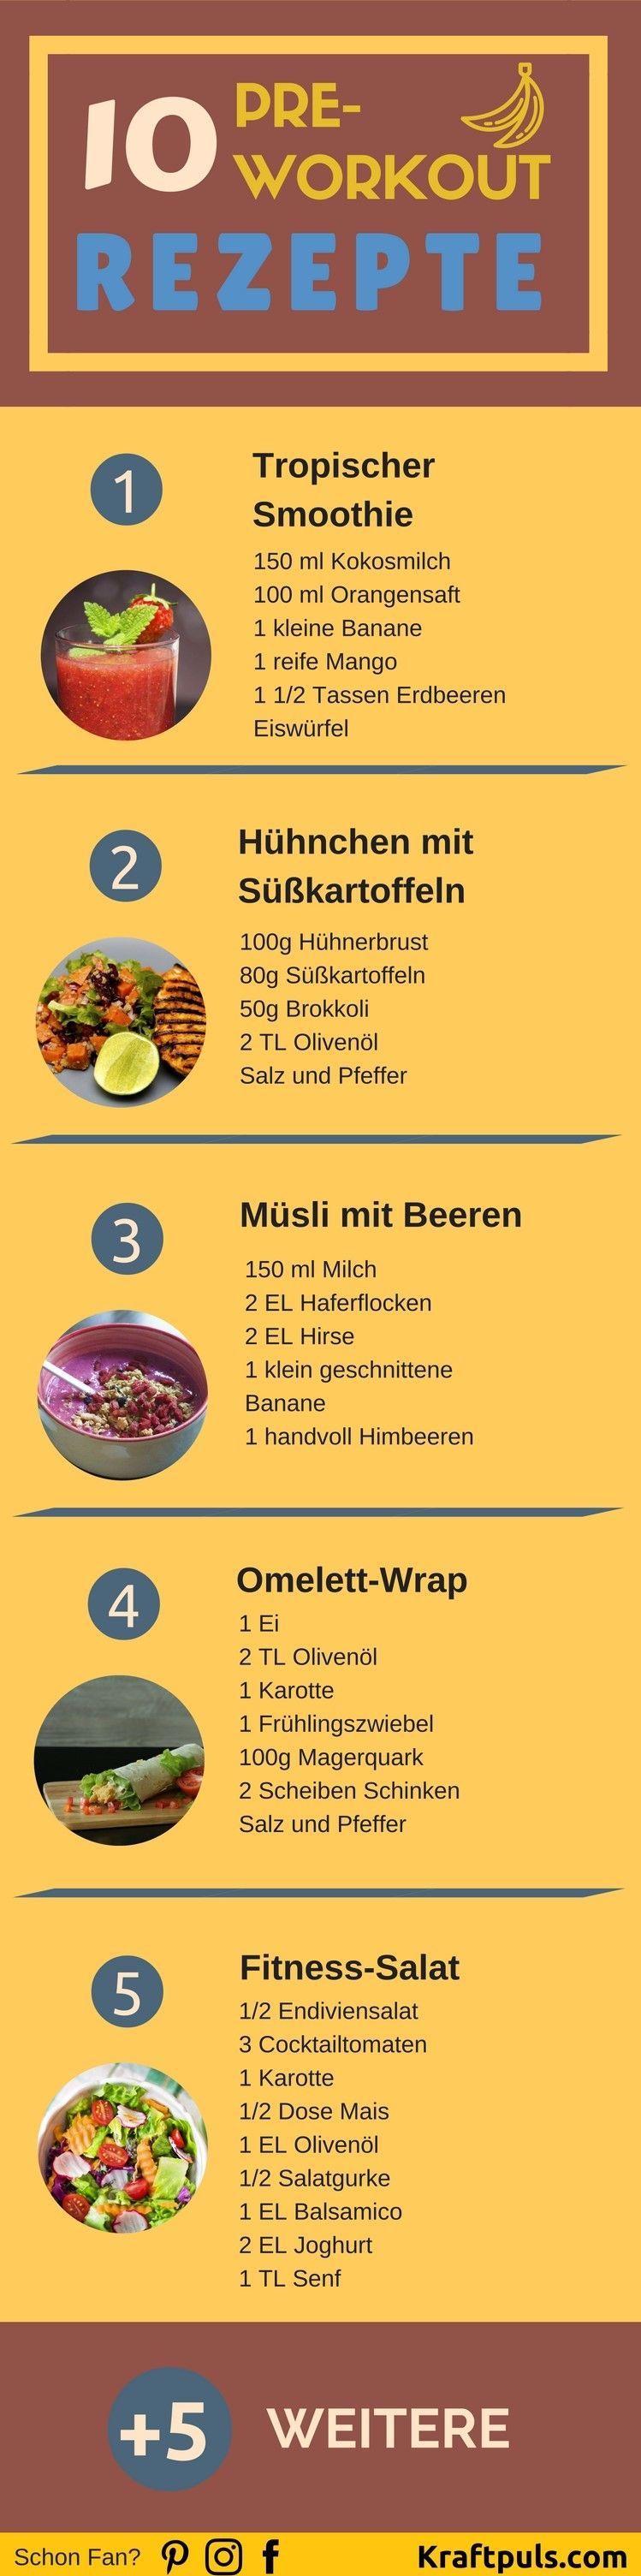 Pre-Workout Rezepte: Das richtige Essen vor dem Training ❤ Hier 10 Rezepte für die optimale Ernährun...